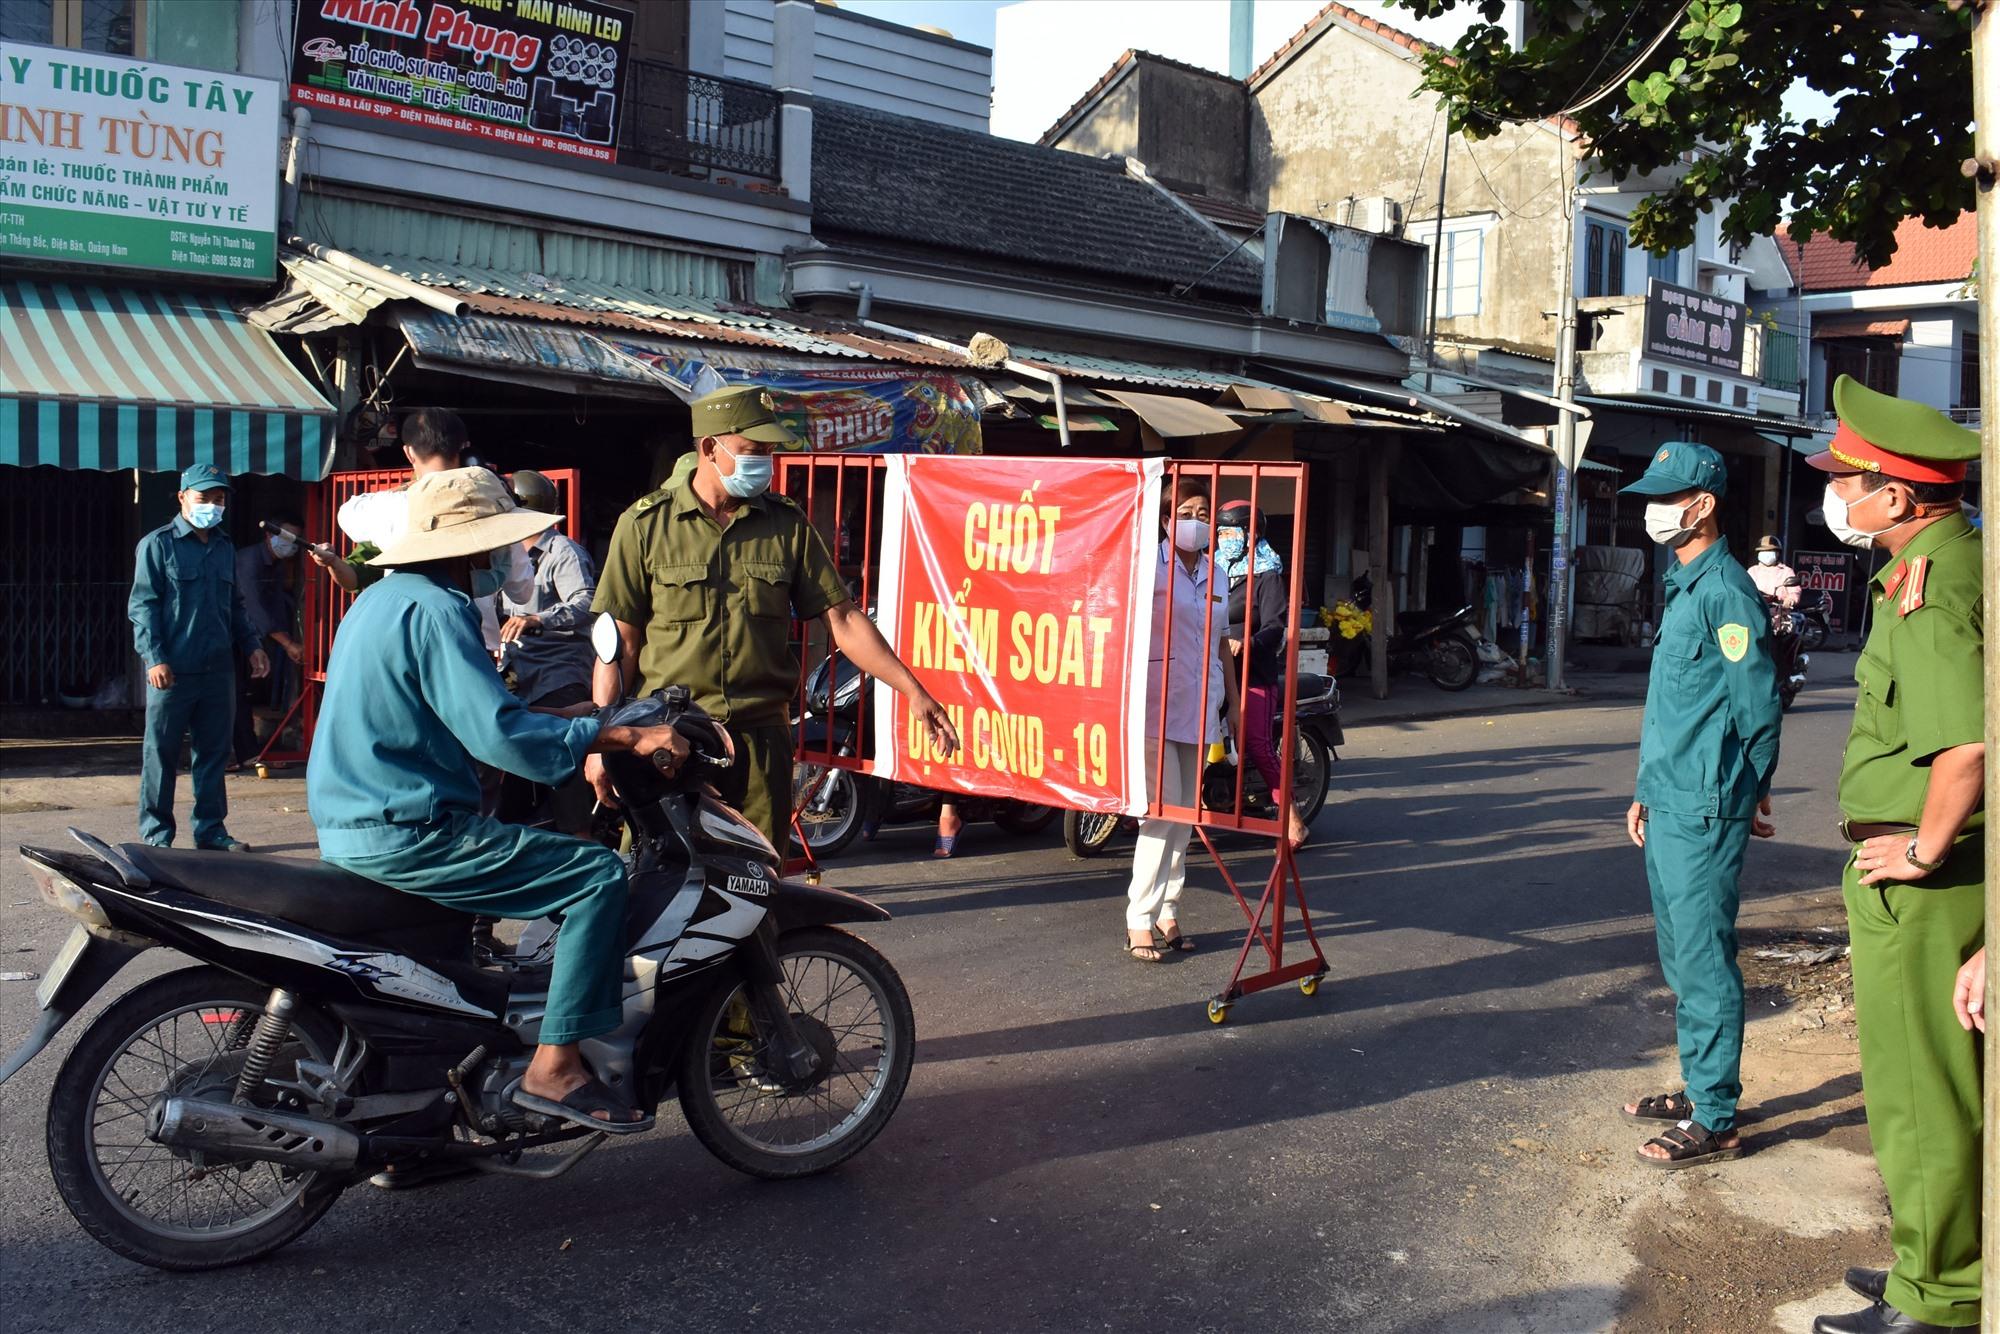 Điện Bàn hiện có 10 chốt kiểm soát dịch Covid trên các tuyến đường liên thôn, liên xã